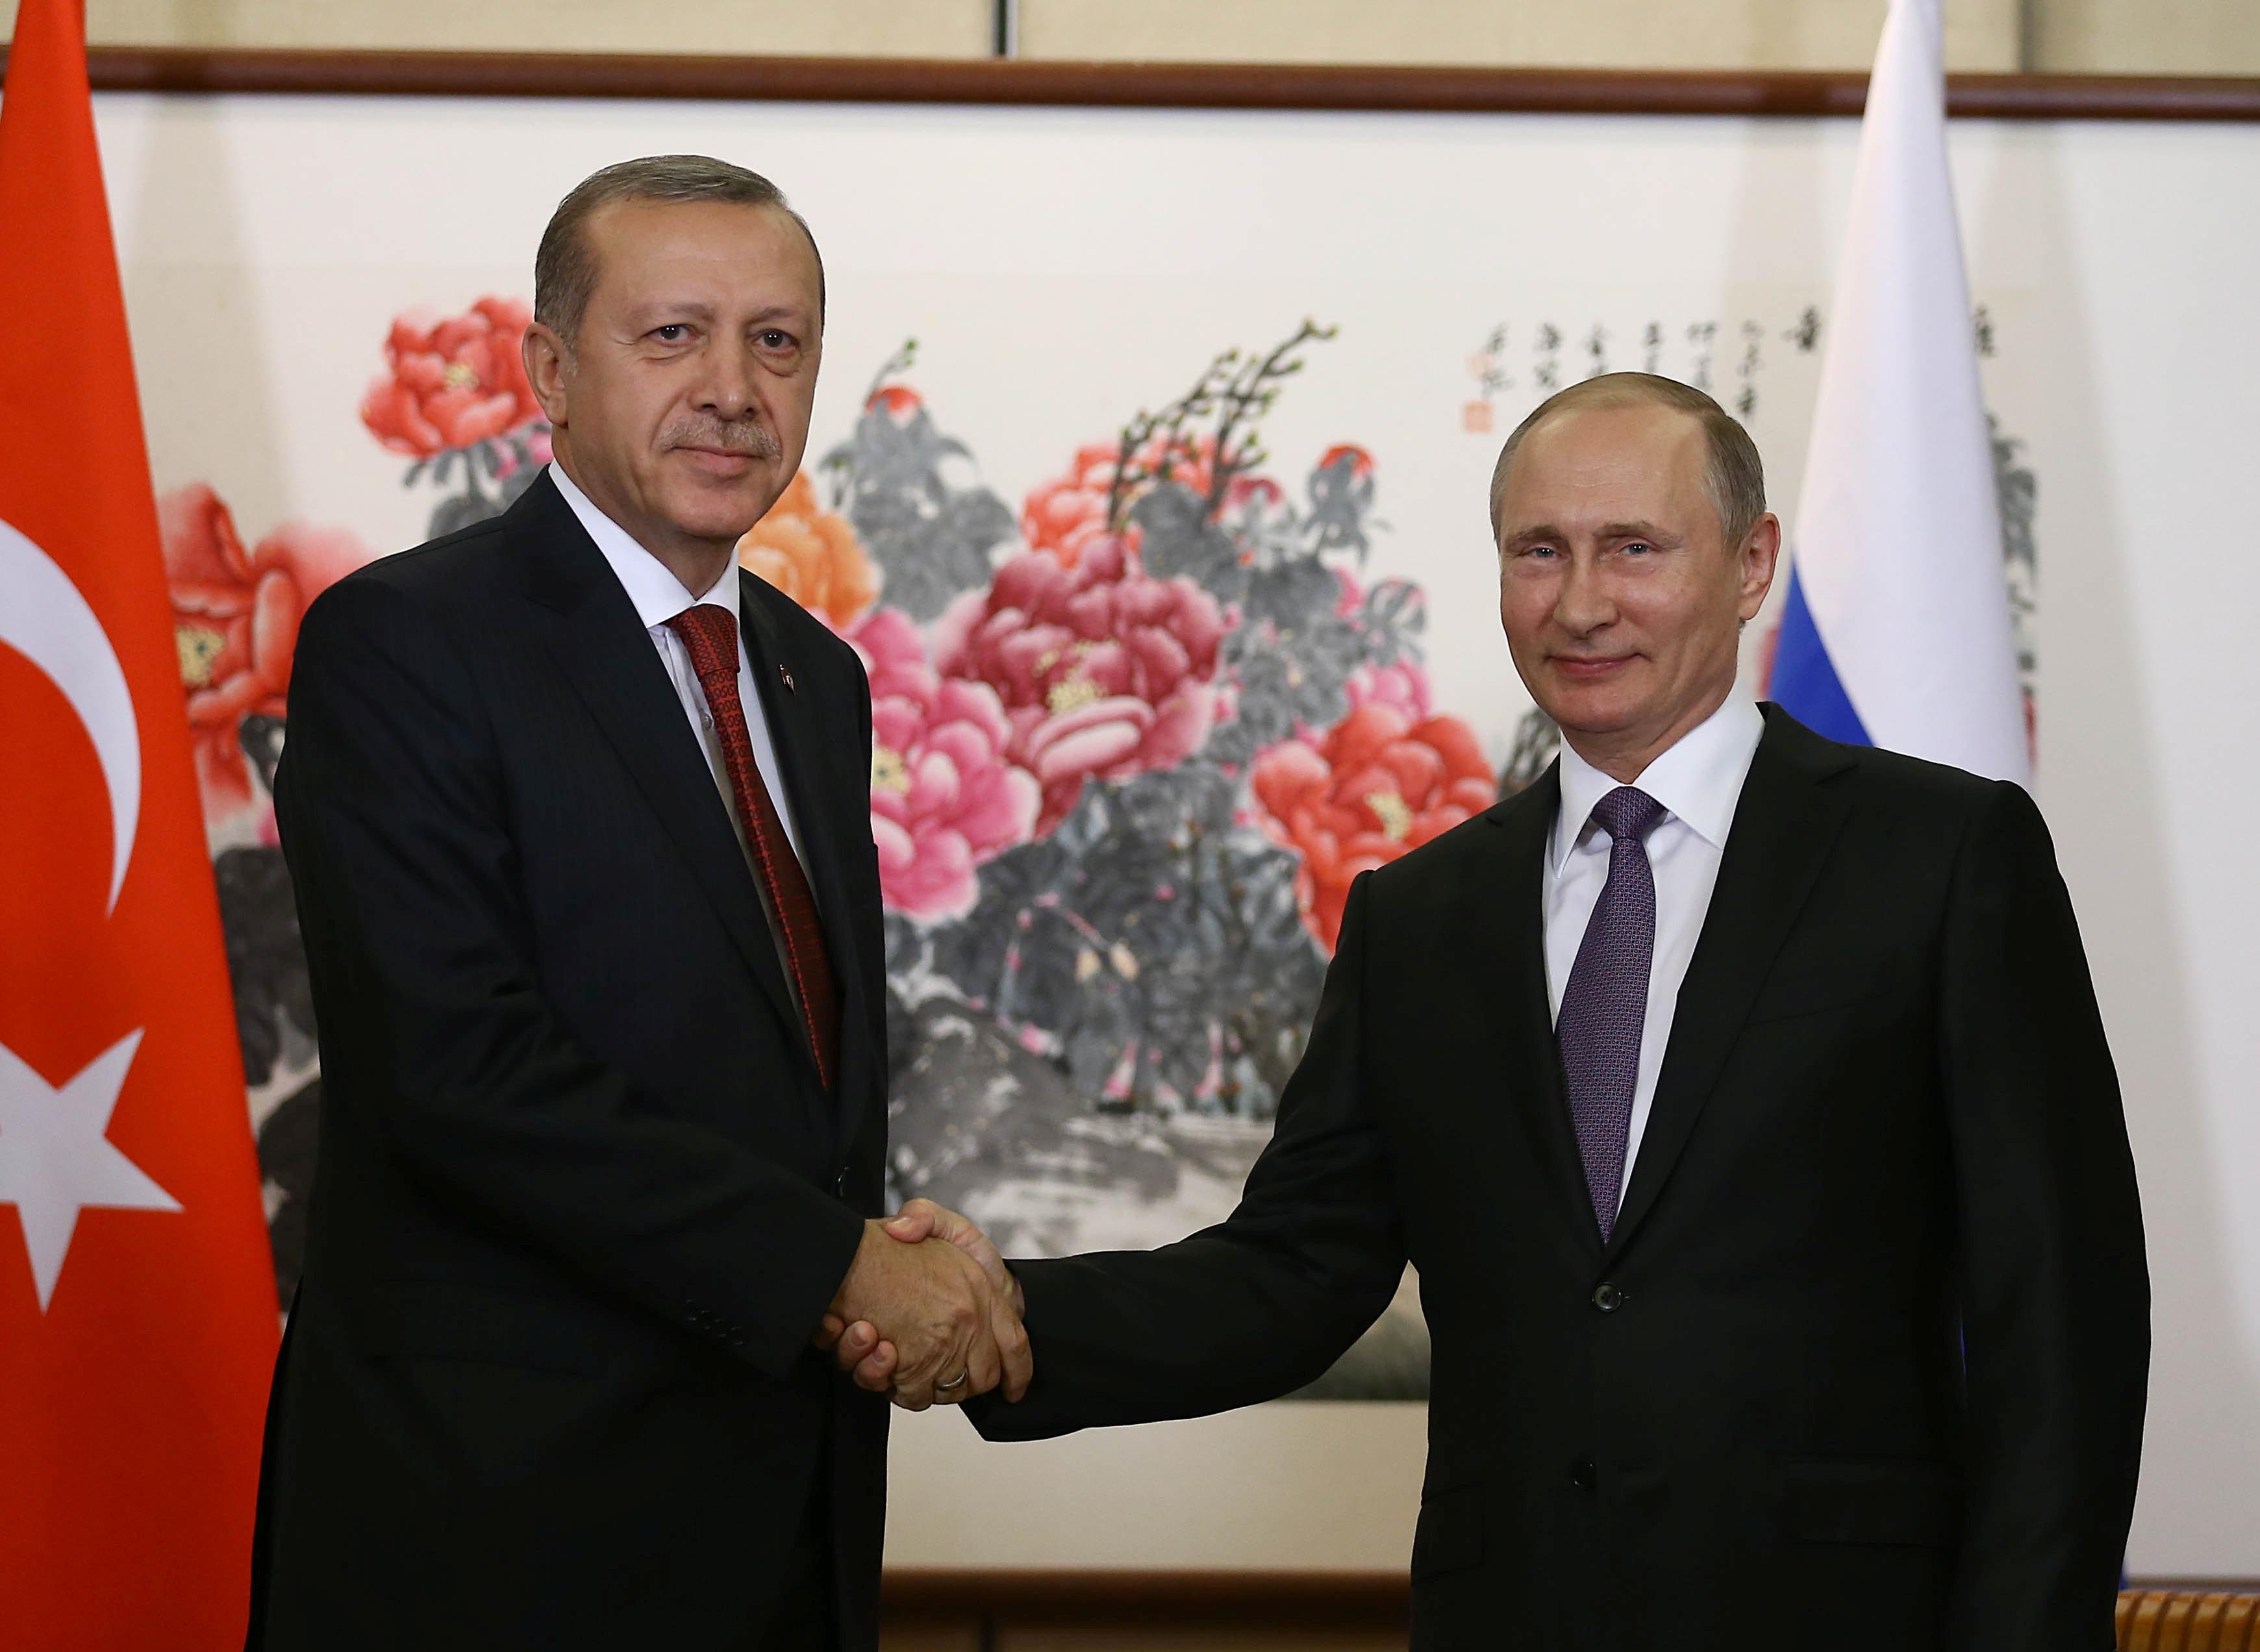 Tổng thống Nga Vladimir Putin (phải) và người đồng cấp Thổ Nhĩ Kỳ Tayyip Erdogan trong cuộc gặp song phương tại Trung Quốc hôm 3/9 (Ảnh: Reuters)